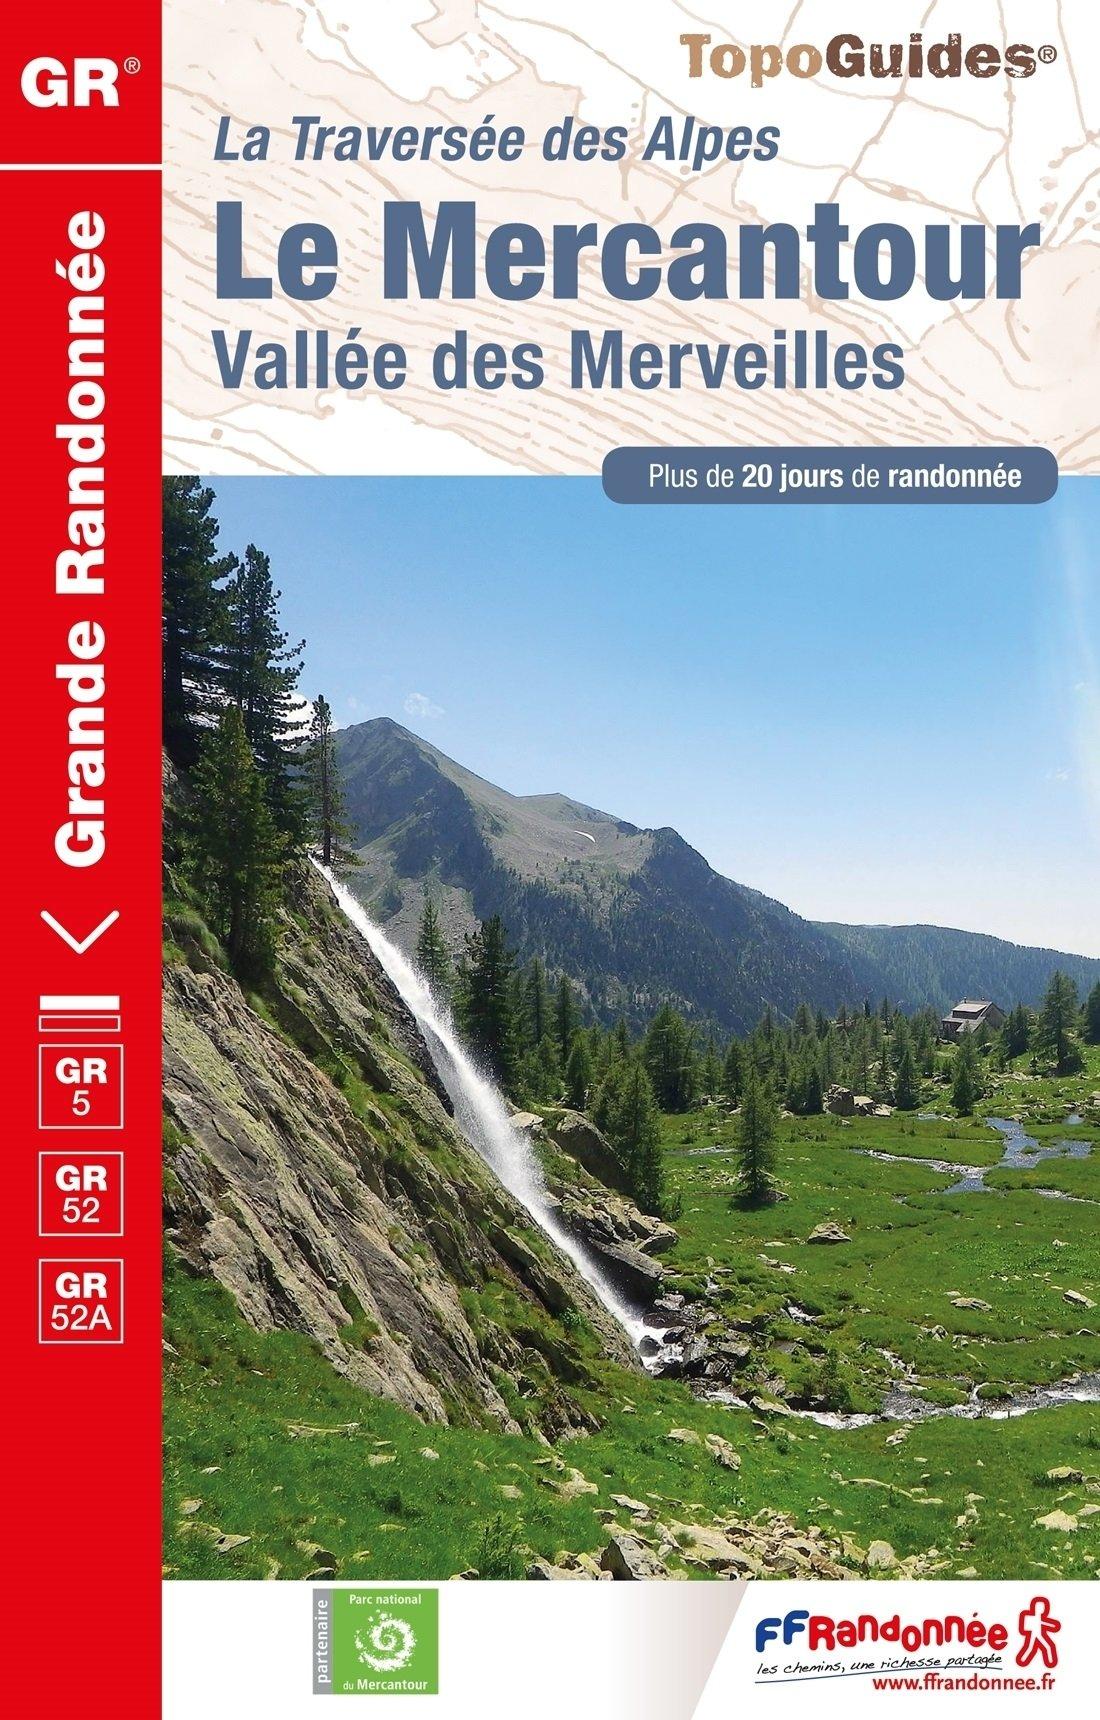 GR-5 | TG507 Traversée du Mercantour | wandelgids GR5 9782751408922  FFRP Topoguides  Wandelgidsen, Meerdaagse wandelroutes Var, Côte d'Azur, Mercantour